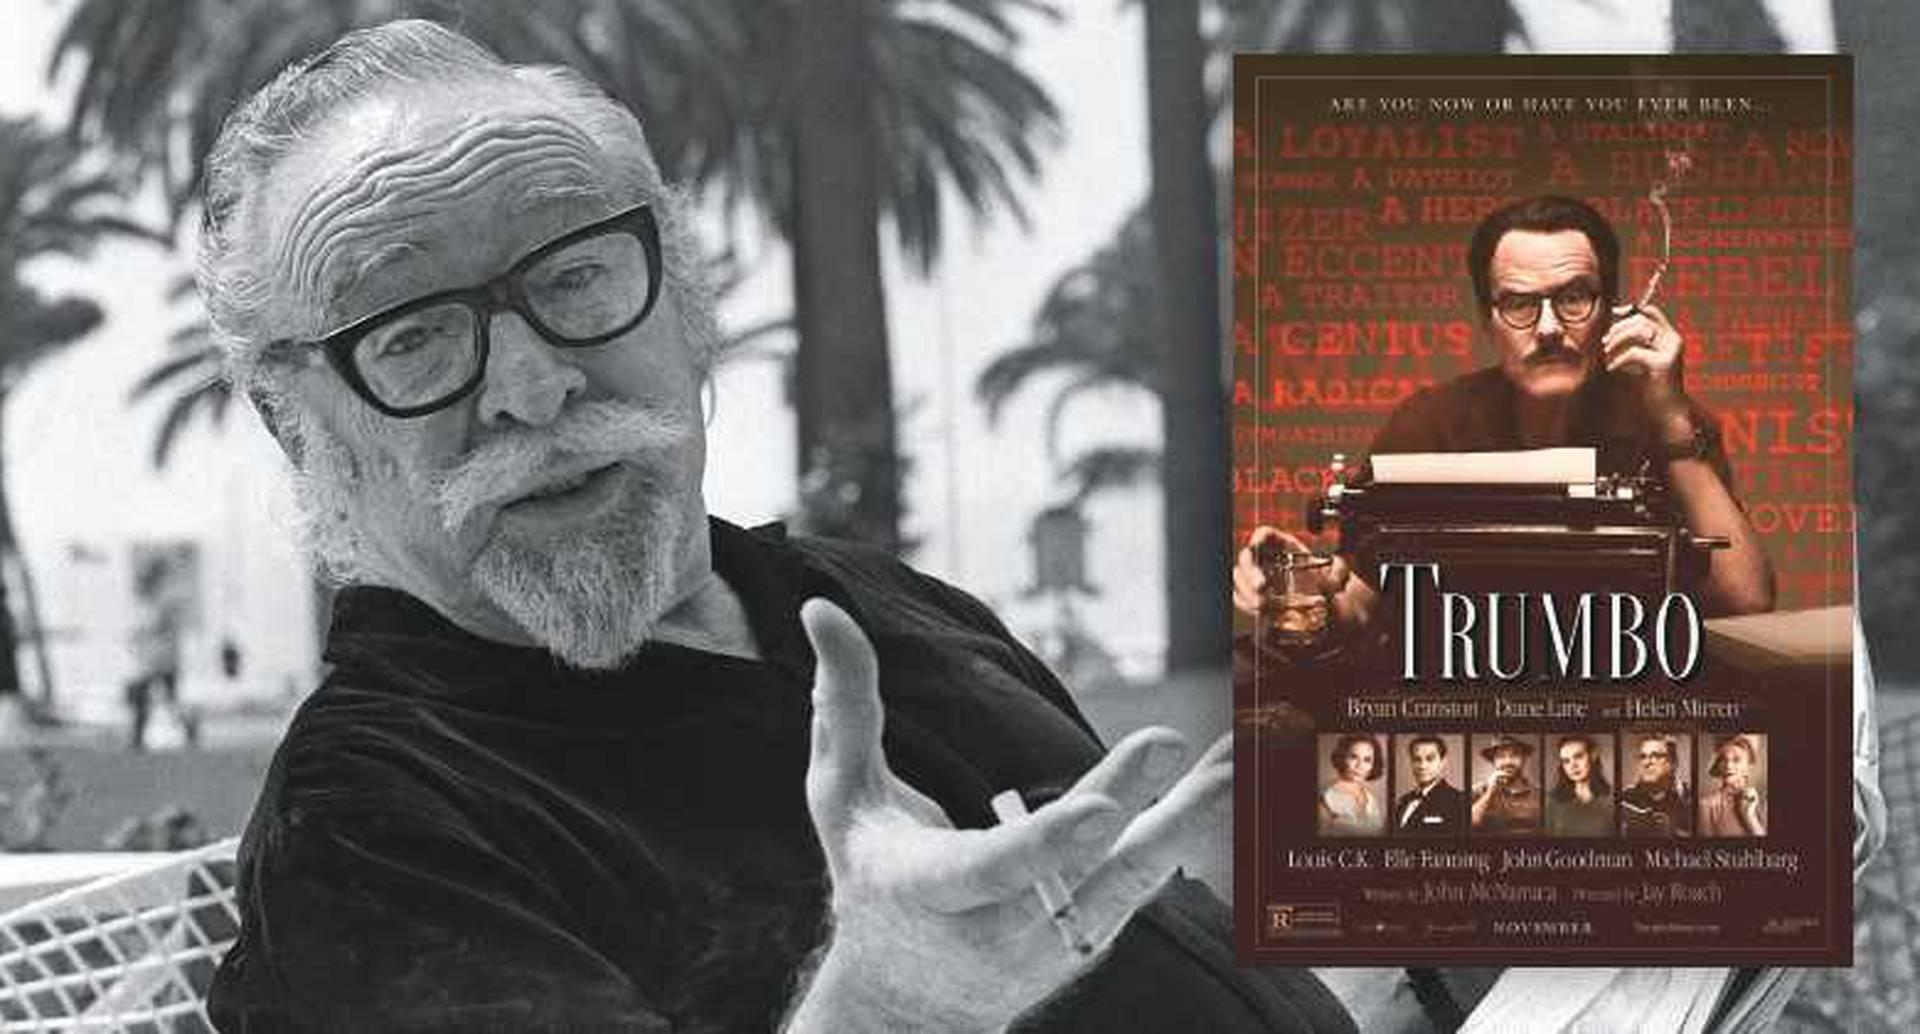 Trumbo escribió 'Roman Holiday' y le pidió a un amigo que lo asumiera como propio. Y bajo el nombre de Robert Rich compuso 'The Brave One'. Ambas cintas ganaron el premio Óscar a mejor guion.